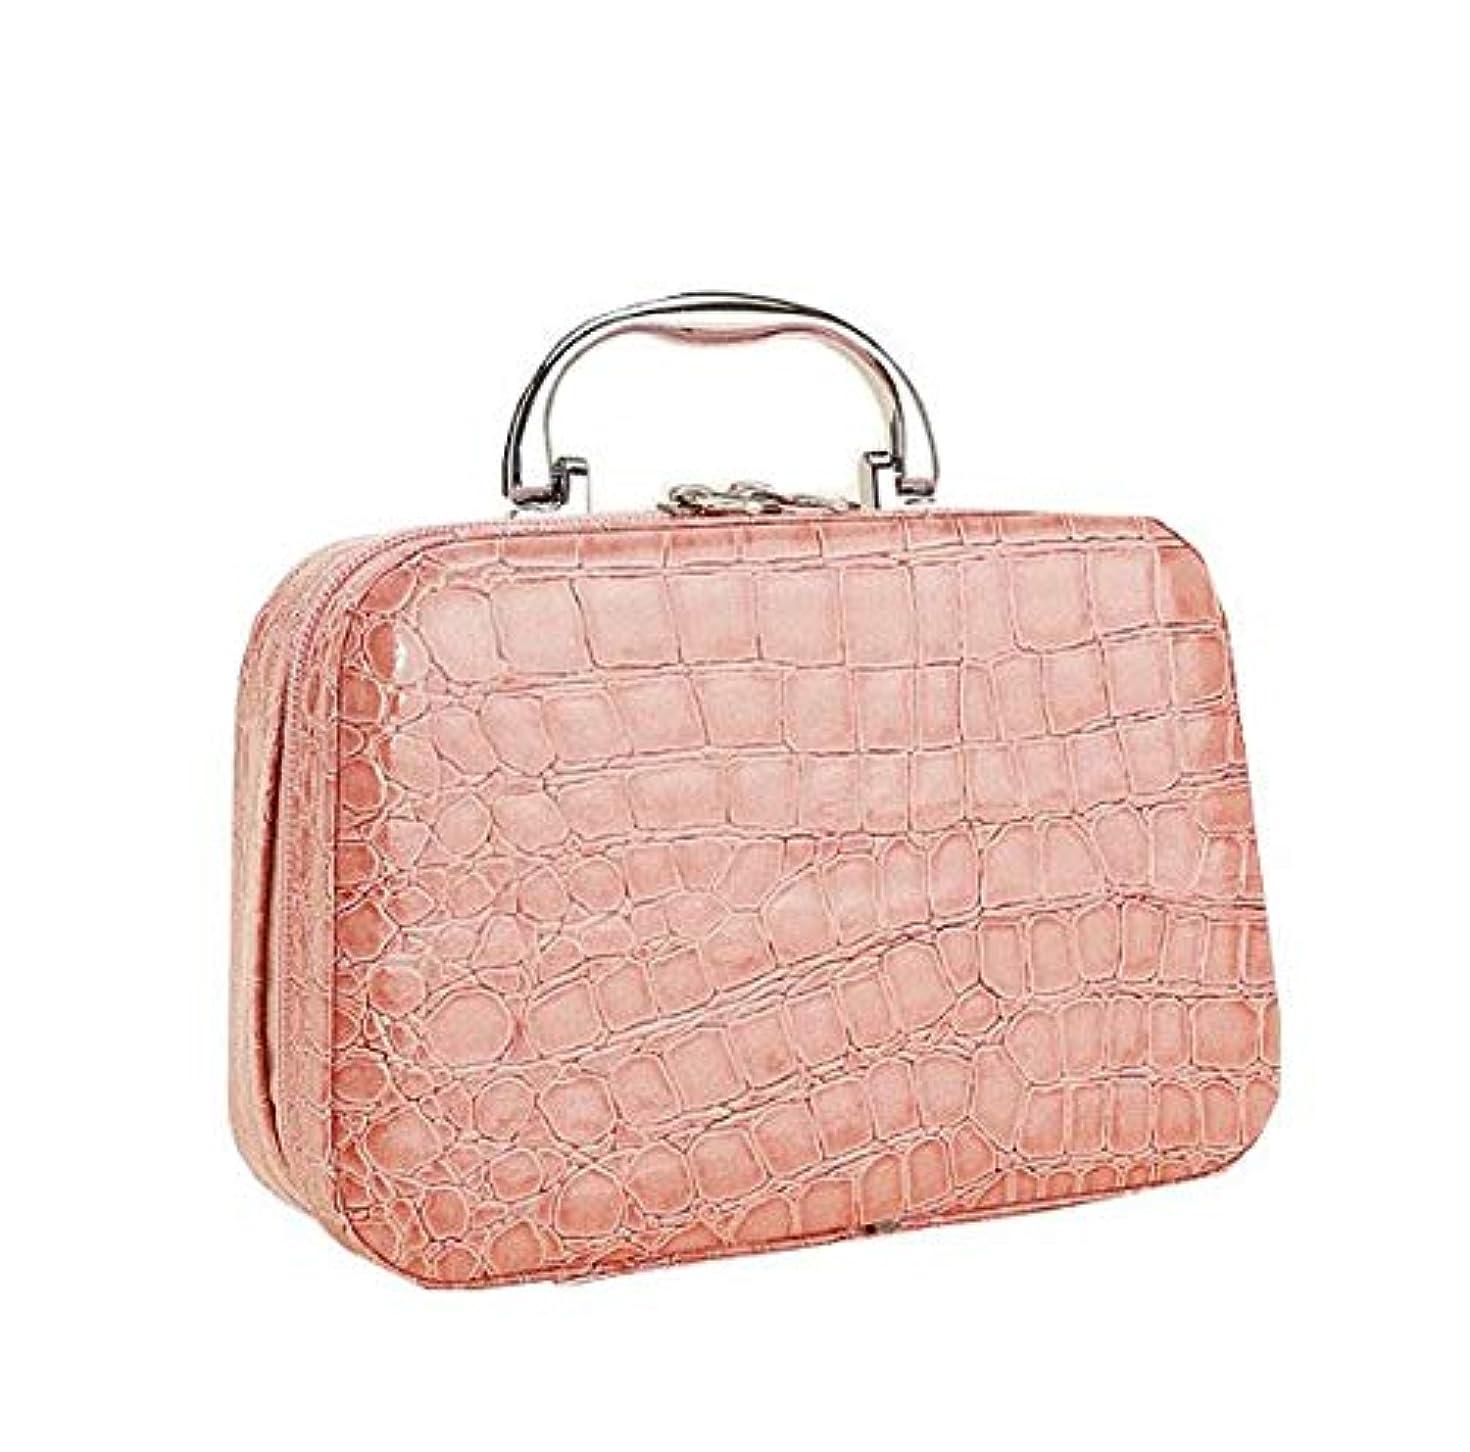 敬不完全ホラー化粧箱、ピンクのワニ皮の化粧箱、携帯用携帯用旅行化粧品の箱、美の釘の宝石類の収納箱